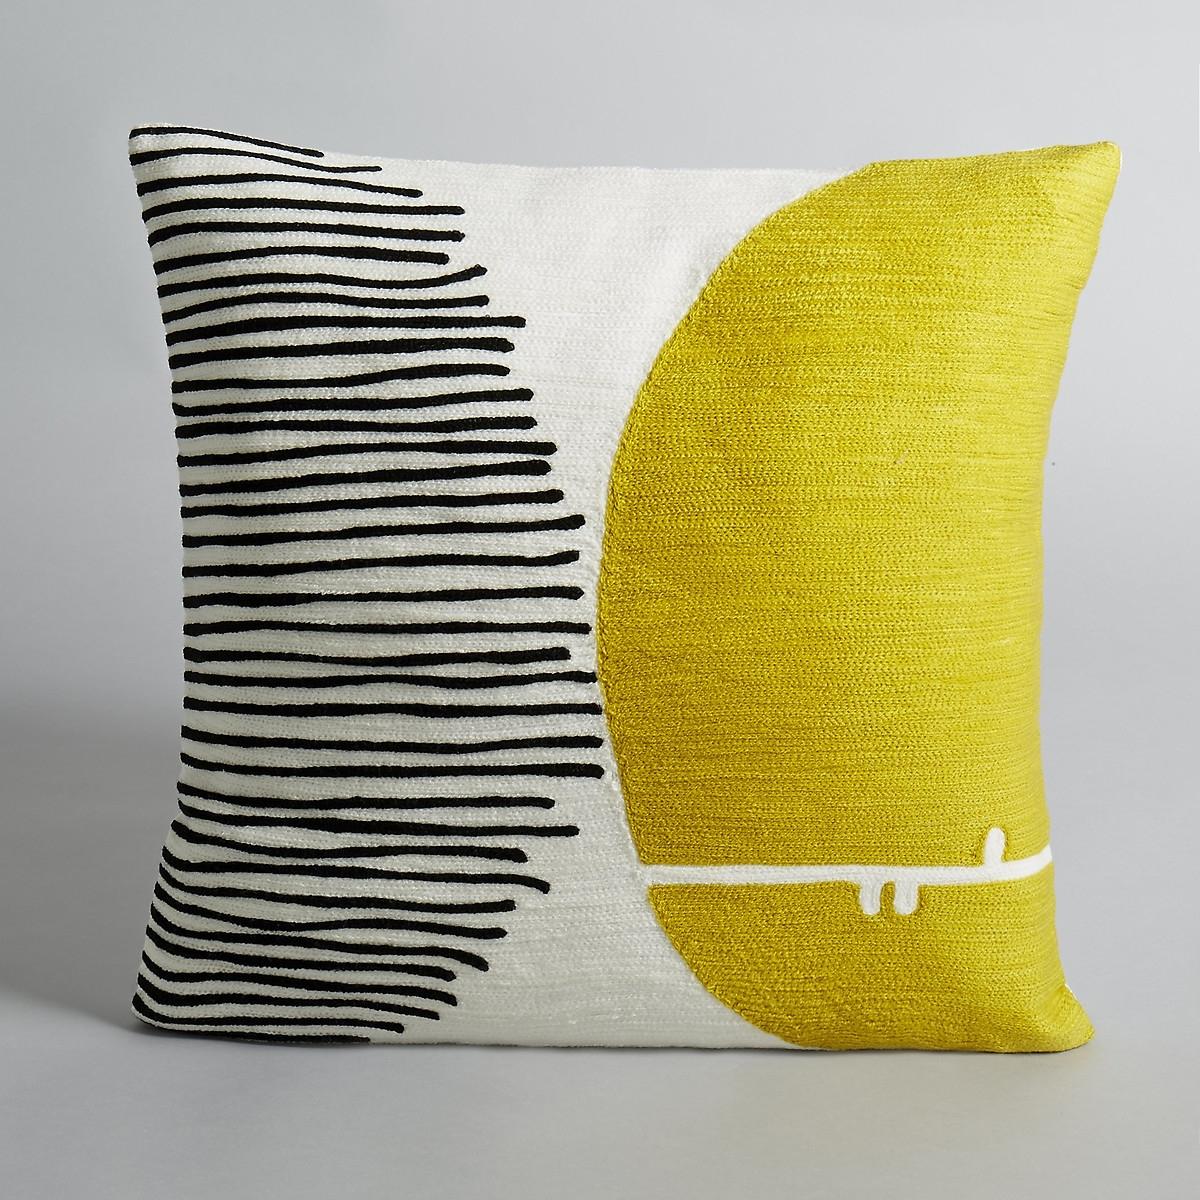 Чехол LaRedoute На подушку с вышивкой Mihna 45 x 45 см желтый